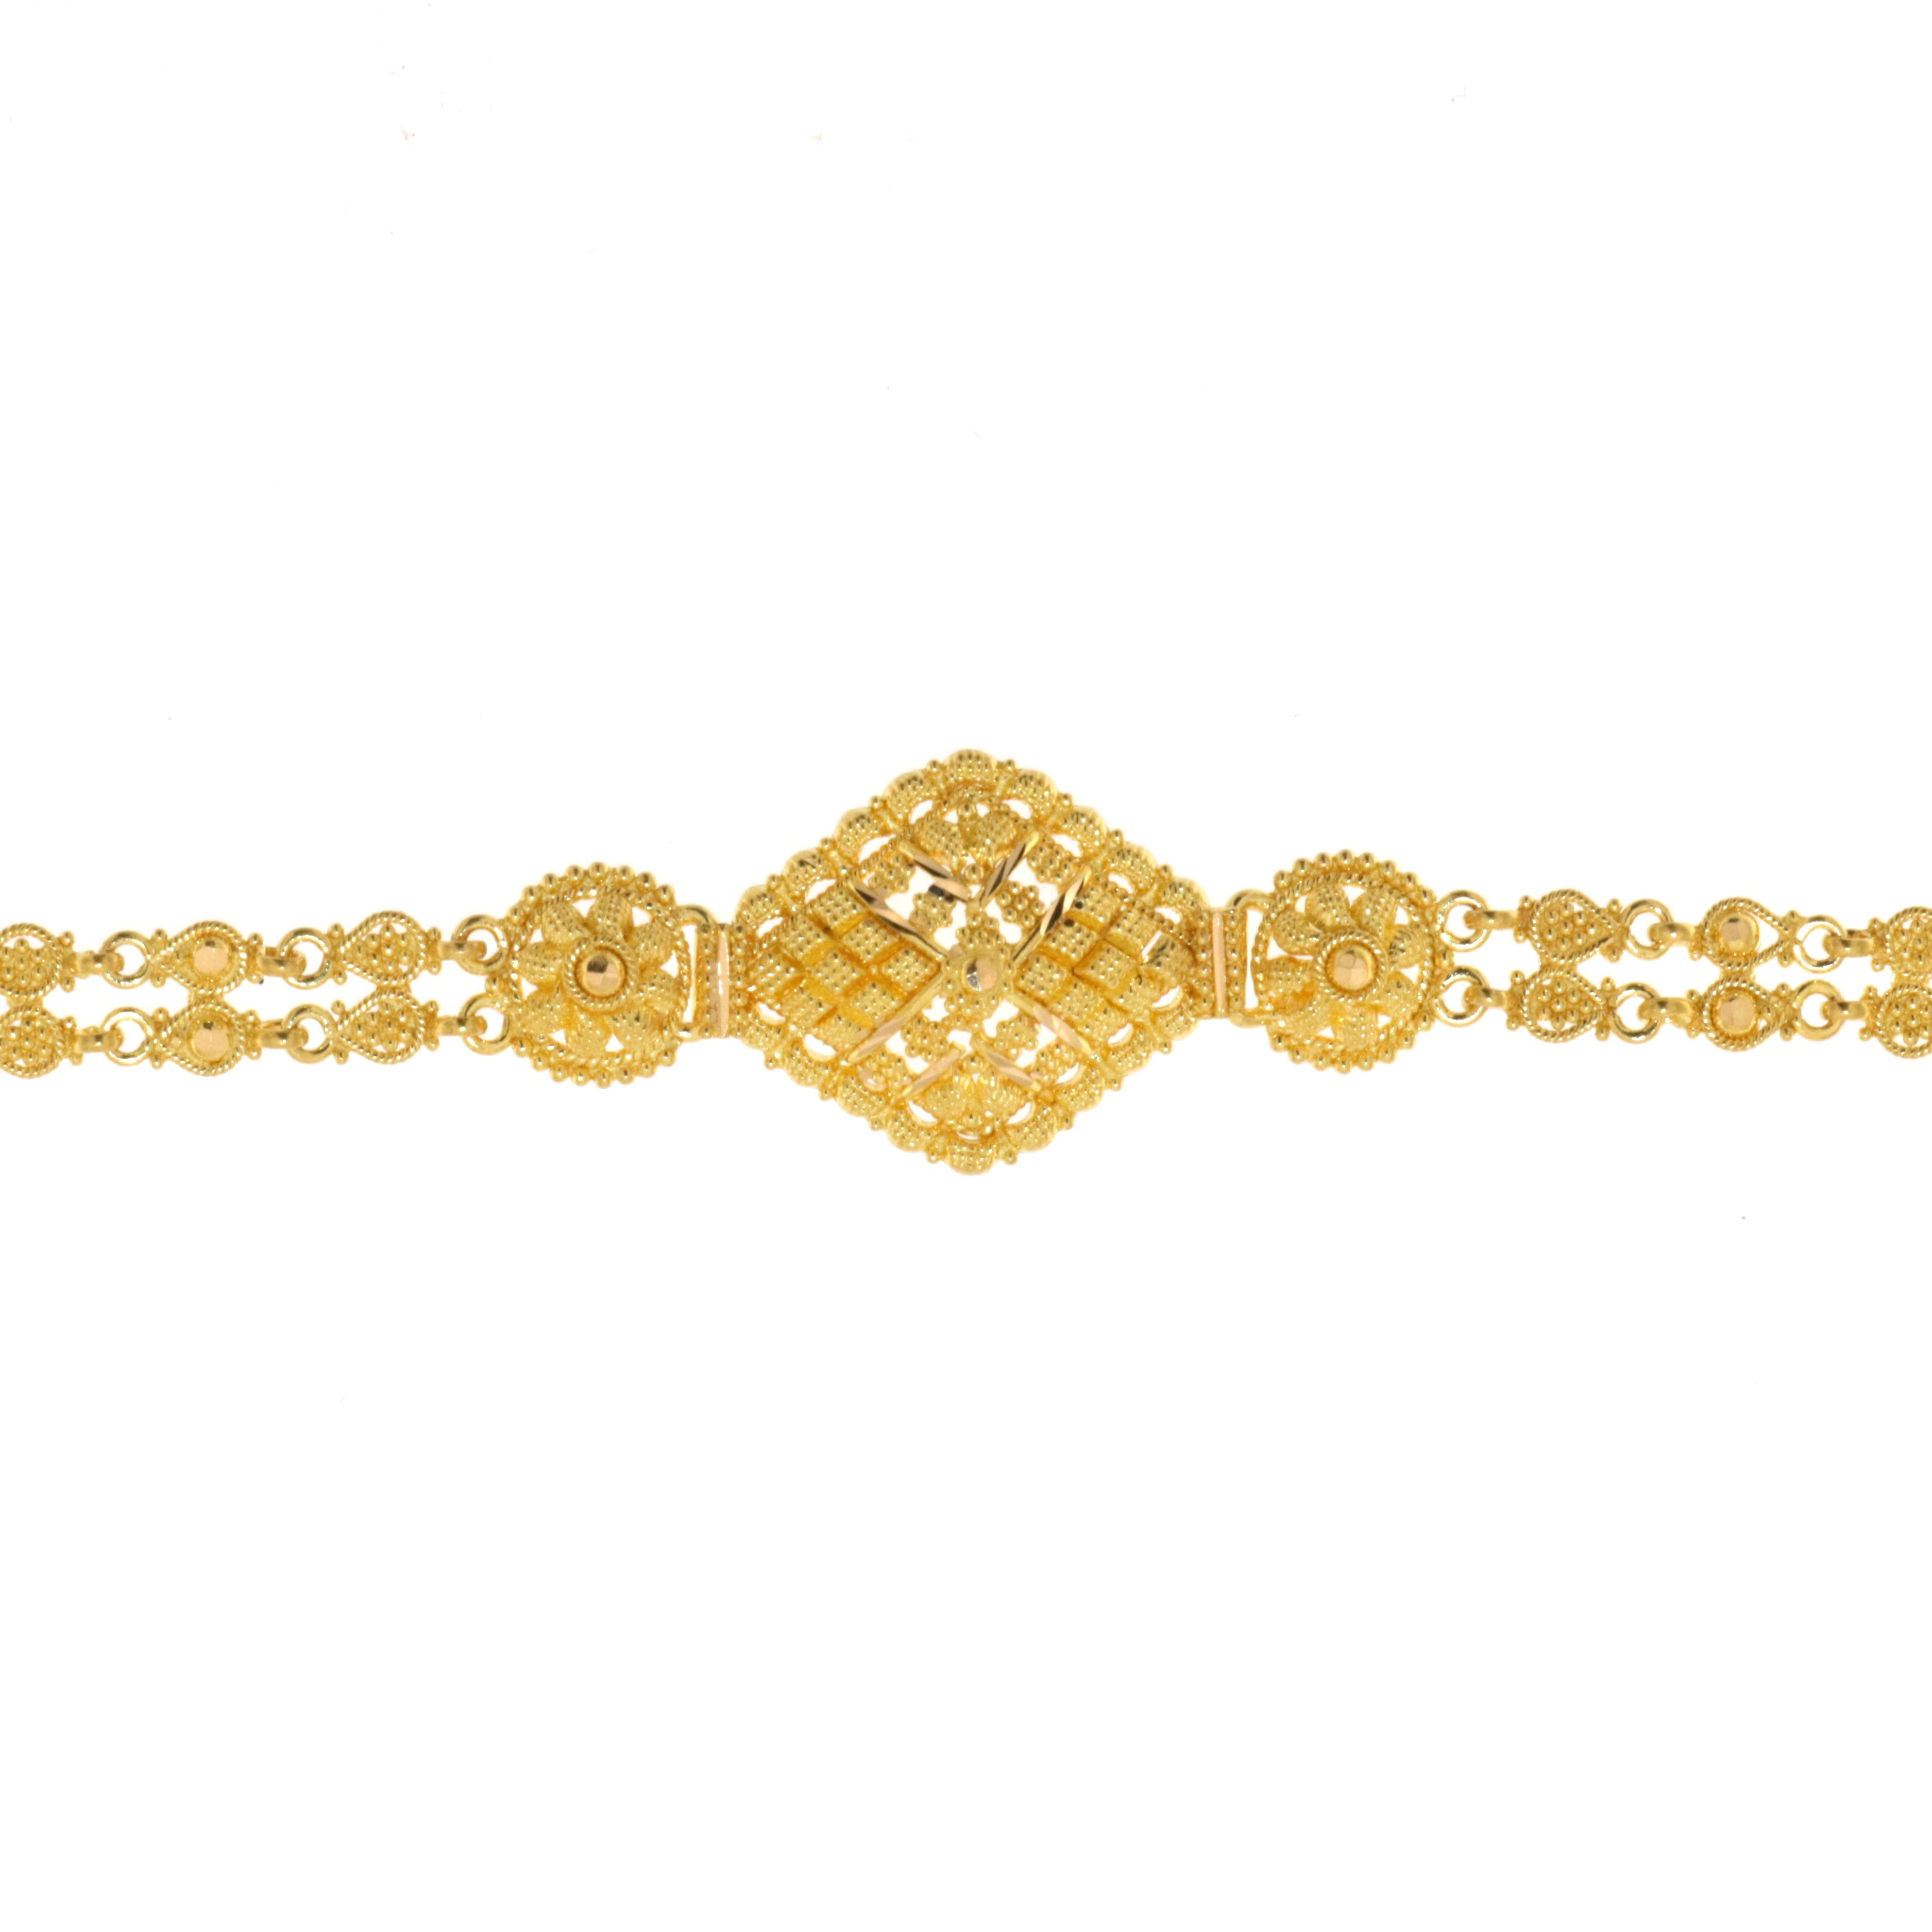 38535_Bracelet6-2Best.Jpg